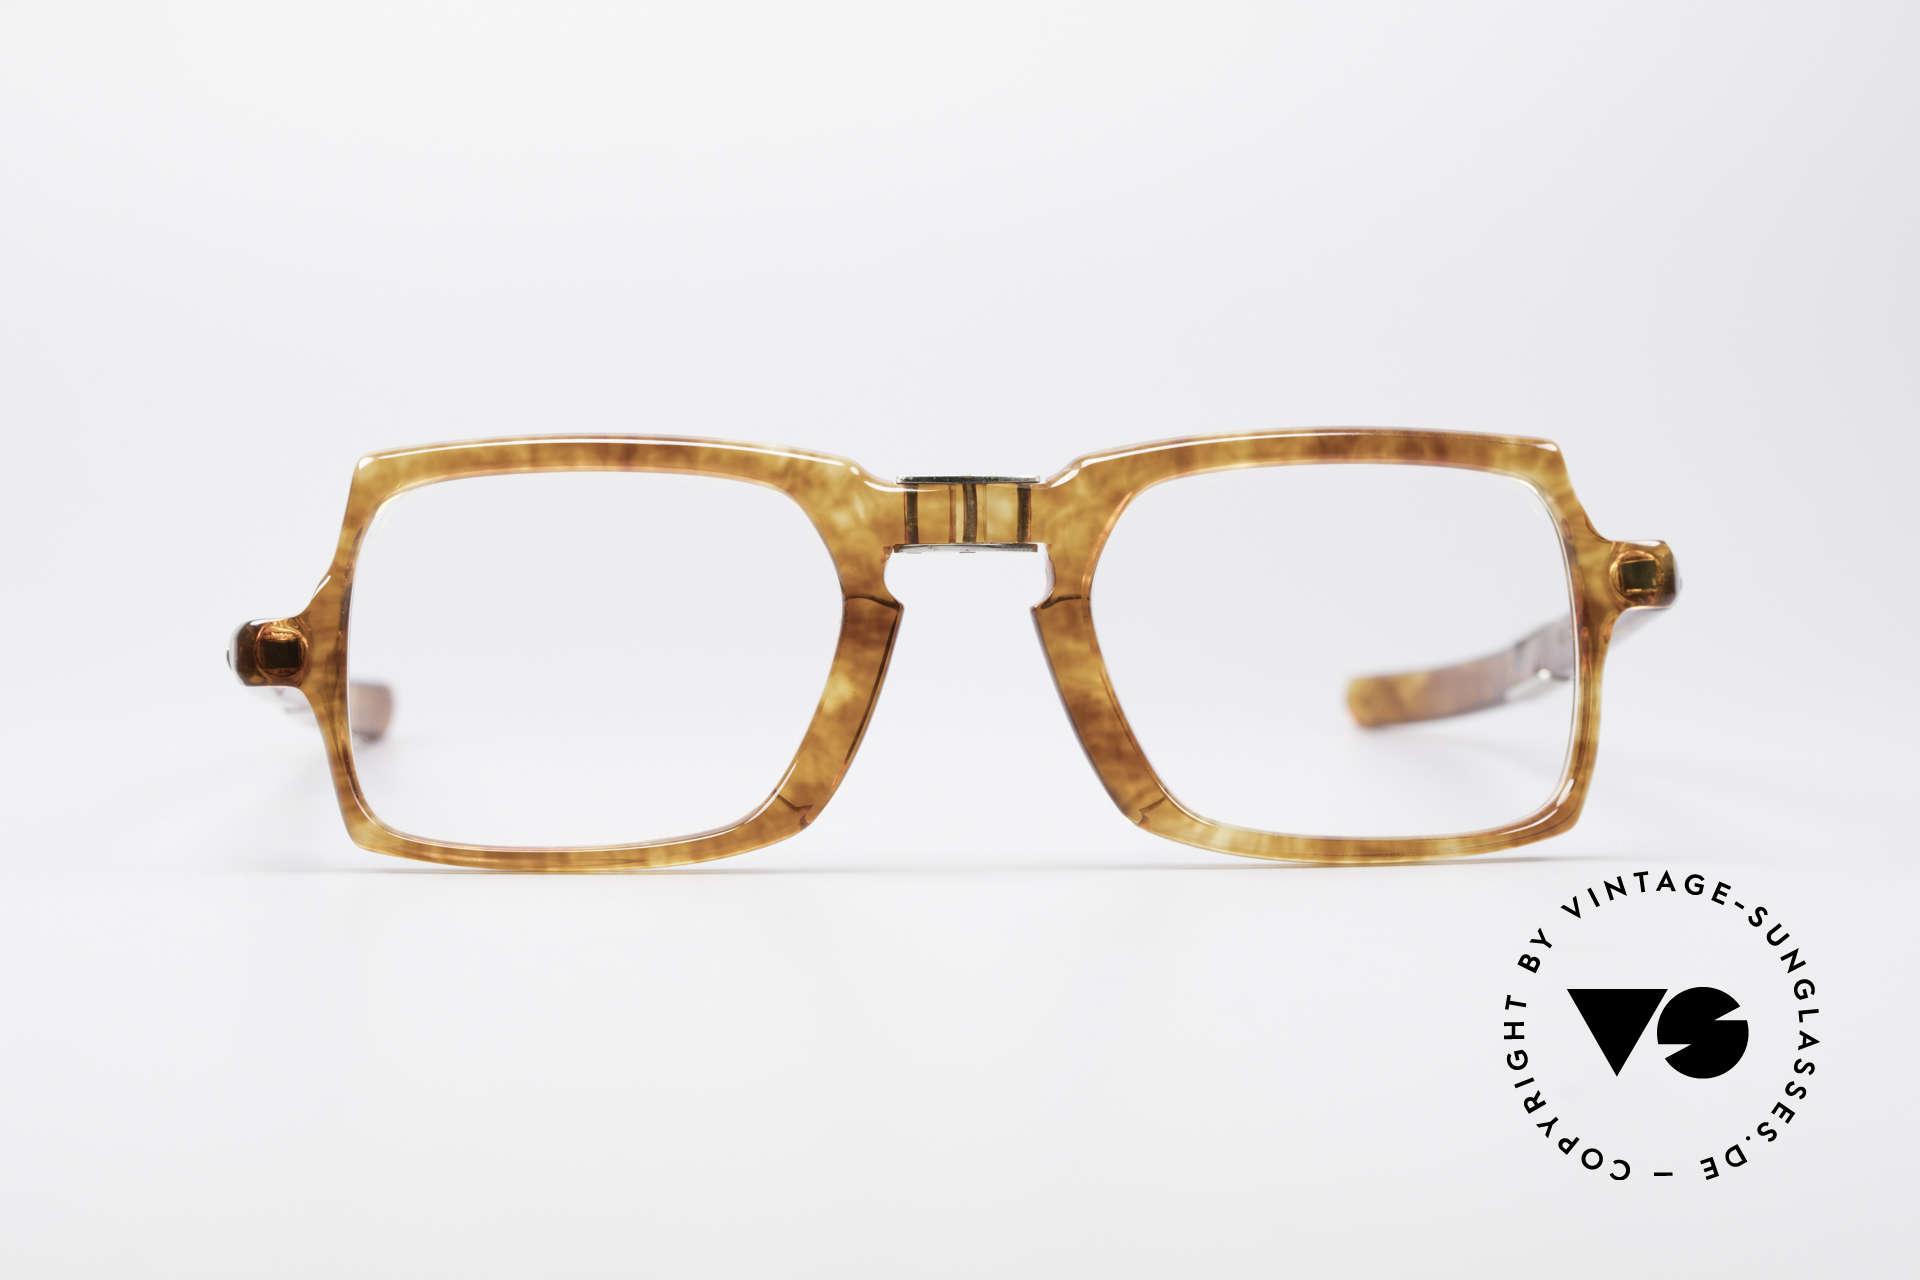 Meyro 618 70er Jahre Faltbrille, uraltes Modell aus den 1960ern / frühen 70ern, Passend für Herren